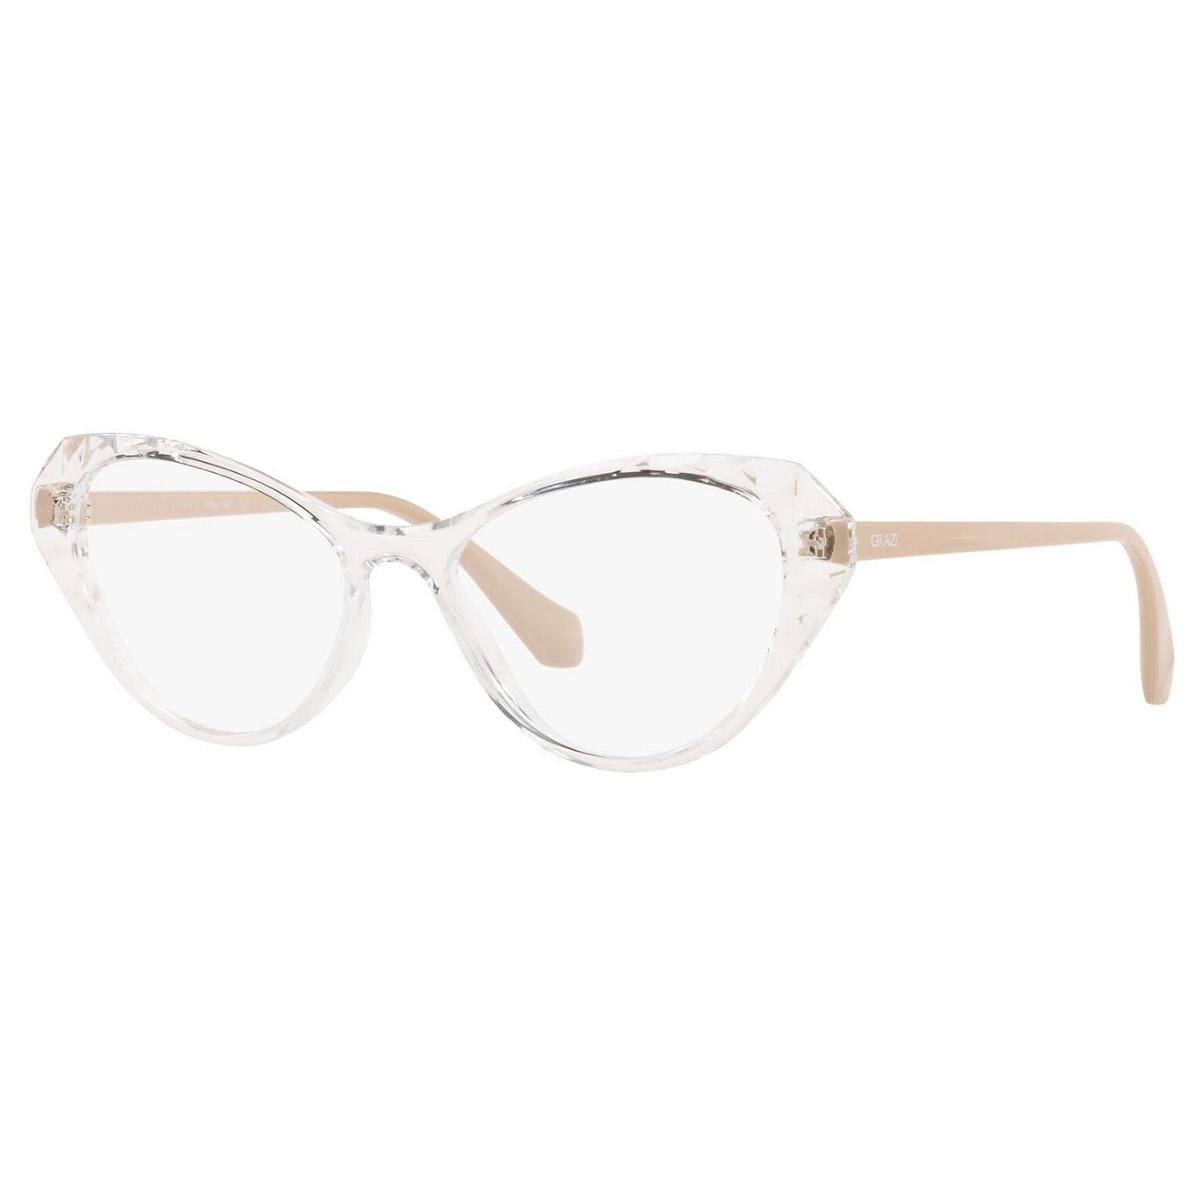 Óculos de Grau Grazi Gatinho GZ3081 Transparente Tamanho 52